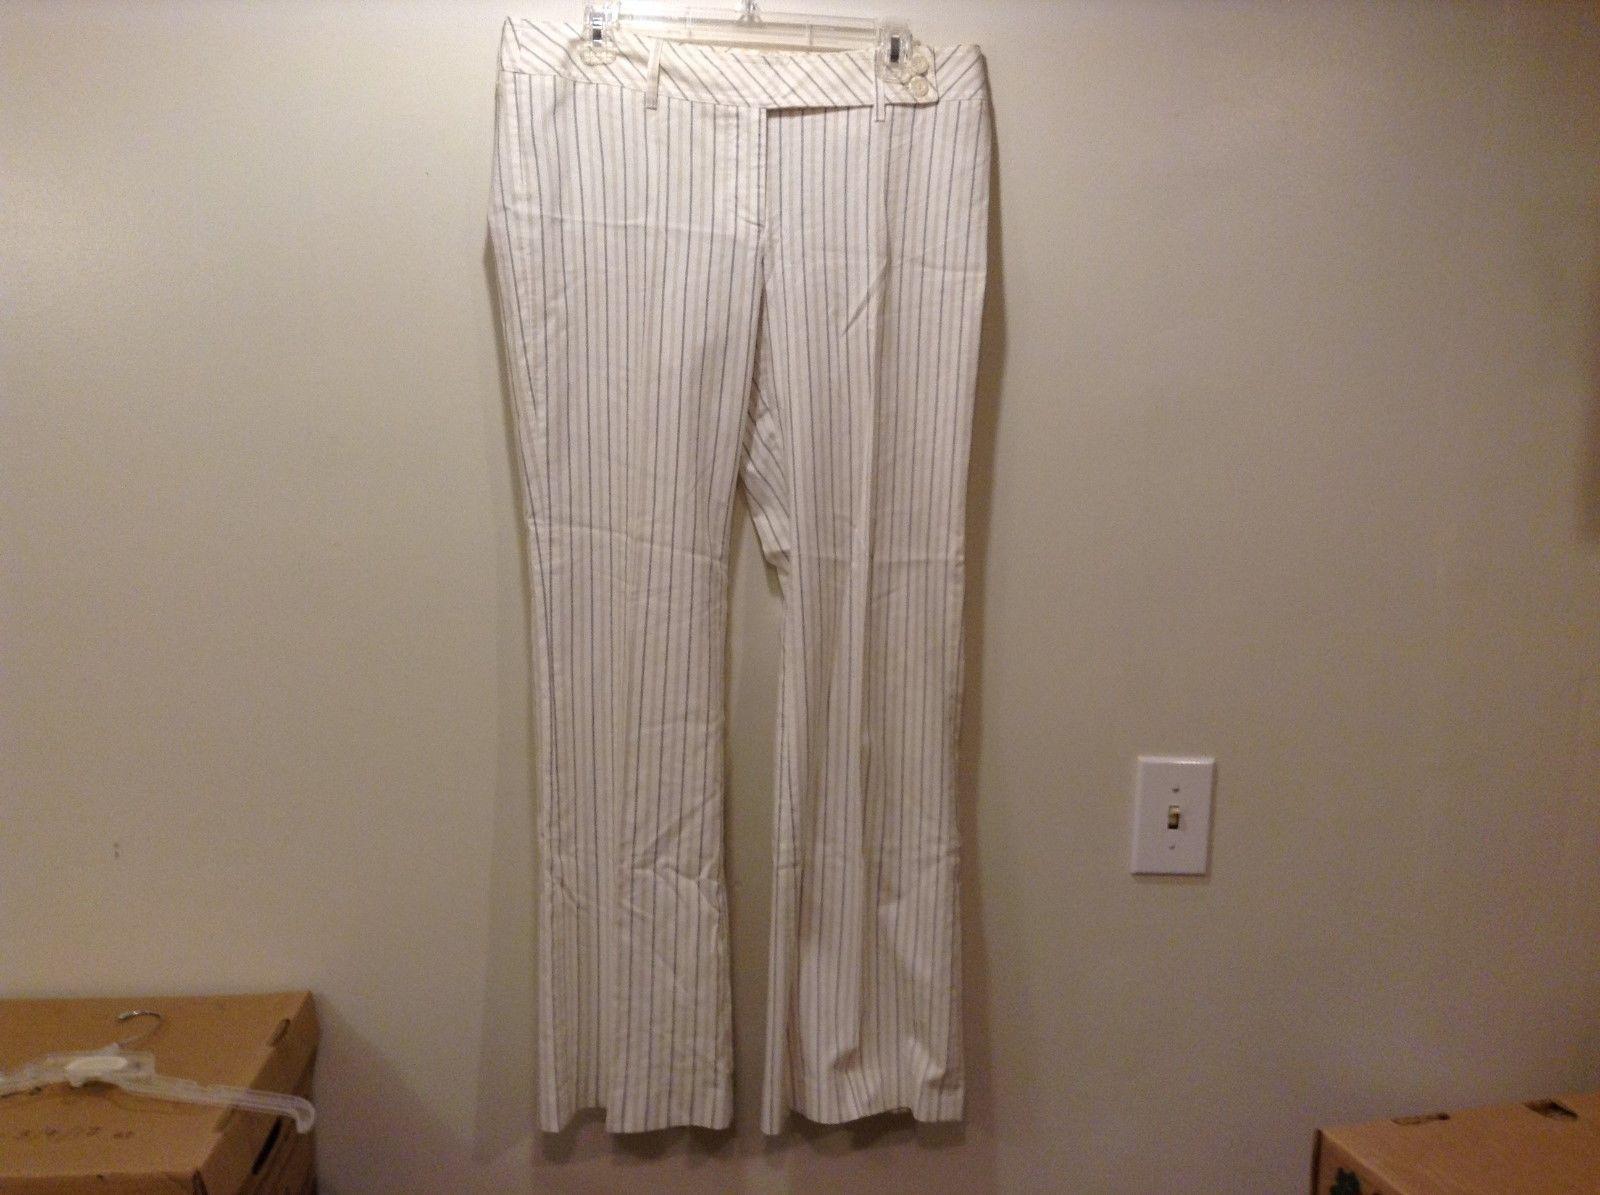 H&M Women's White w Tan Black Vertical Stripes Dress Pants Sz 12